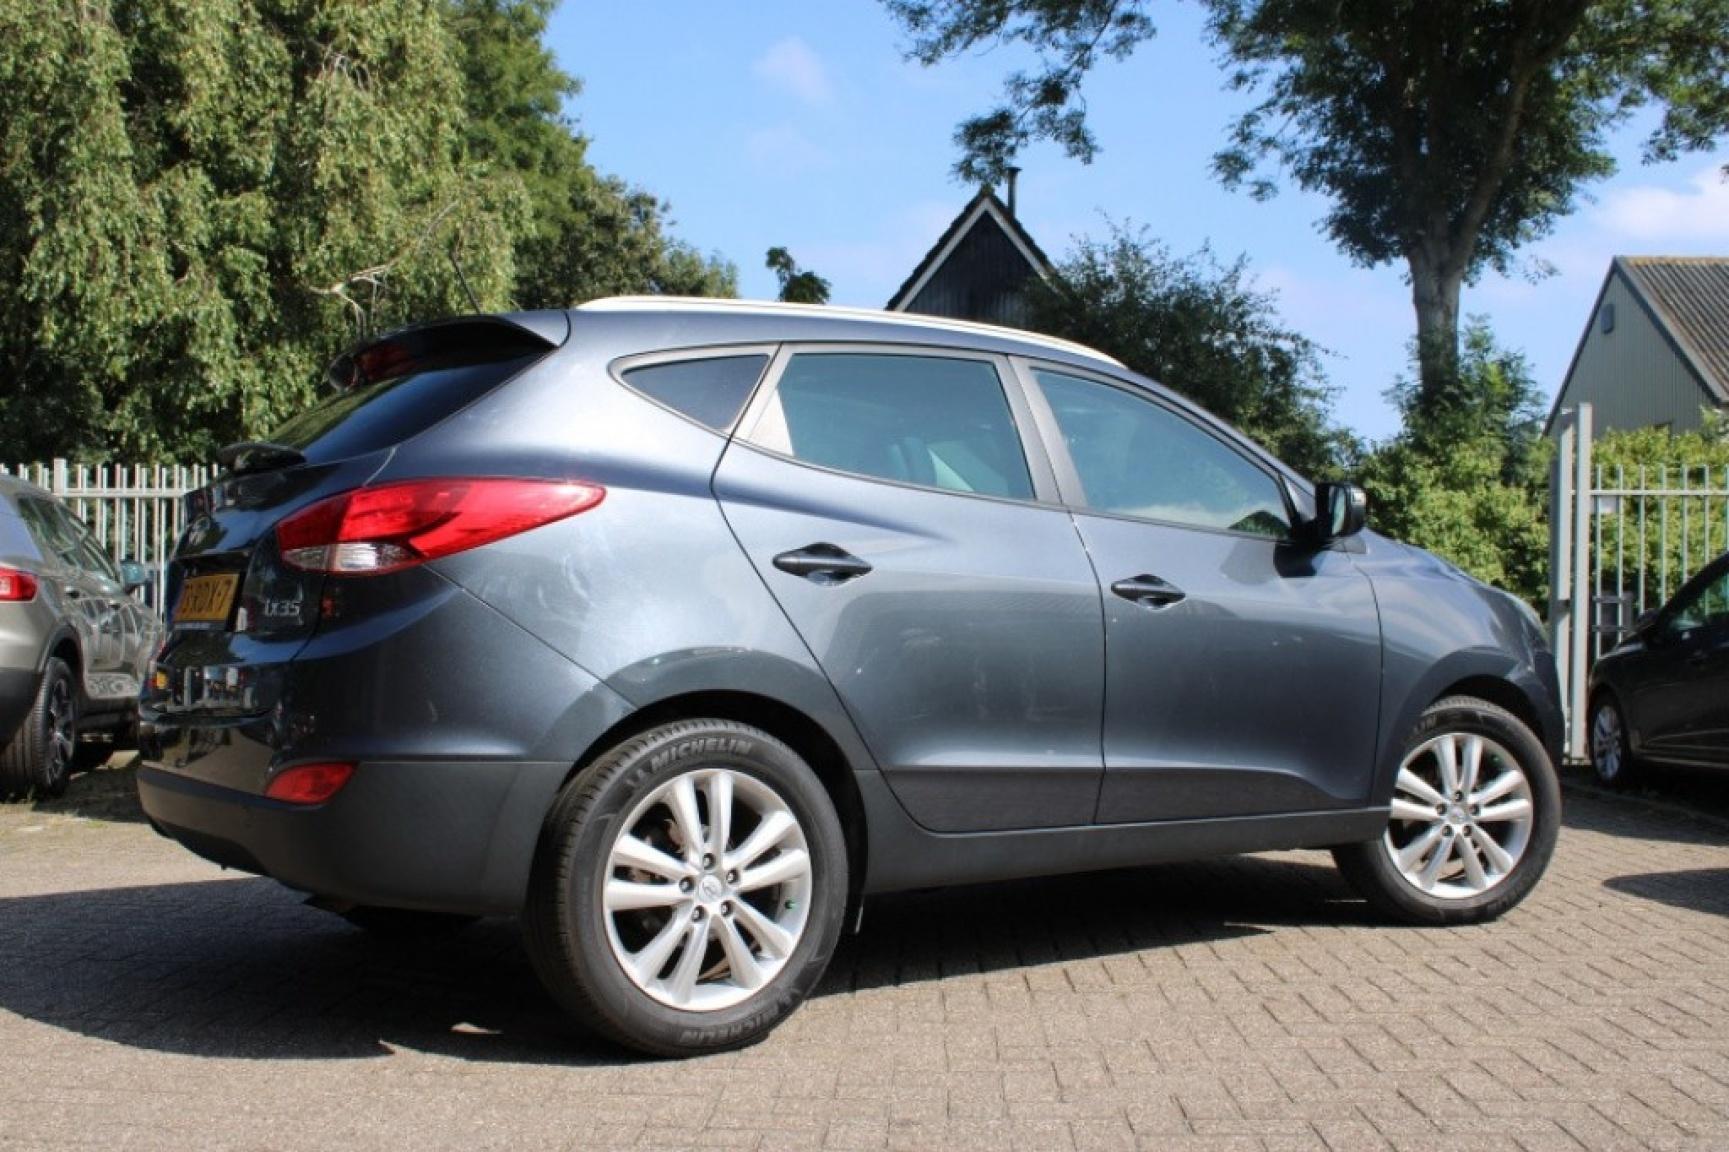 Hyundai-Ix35-1